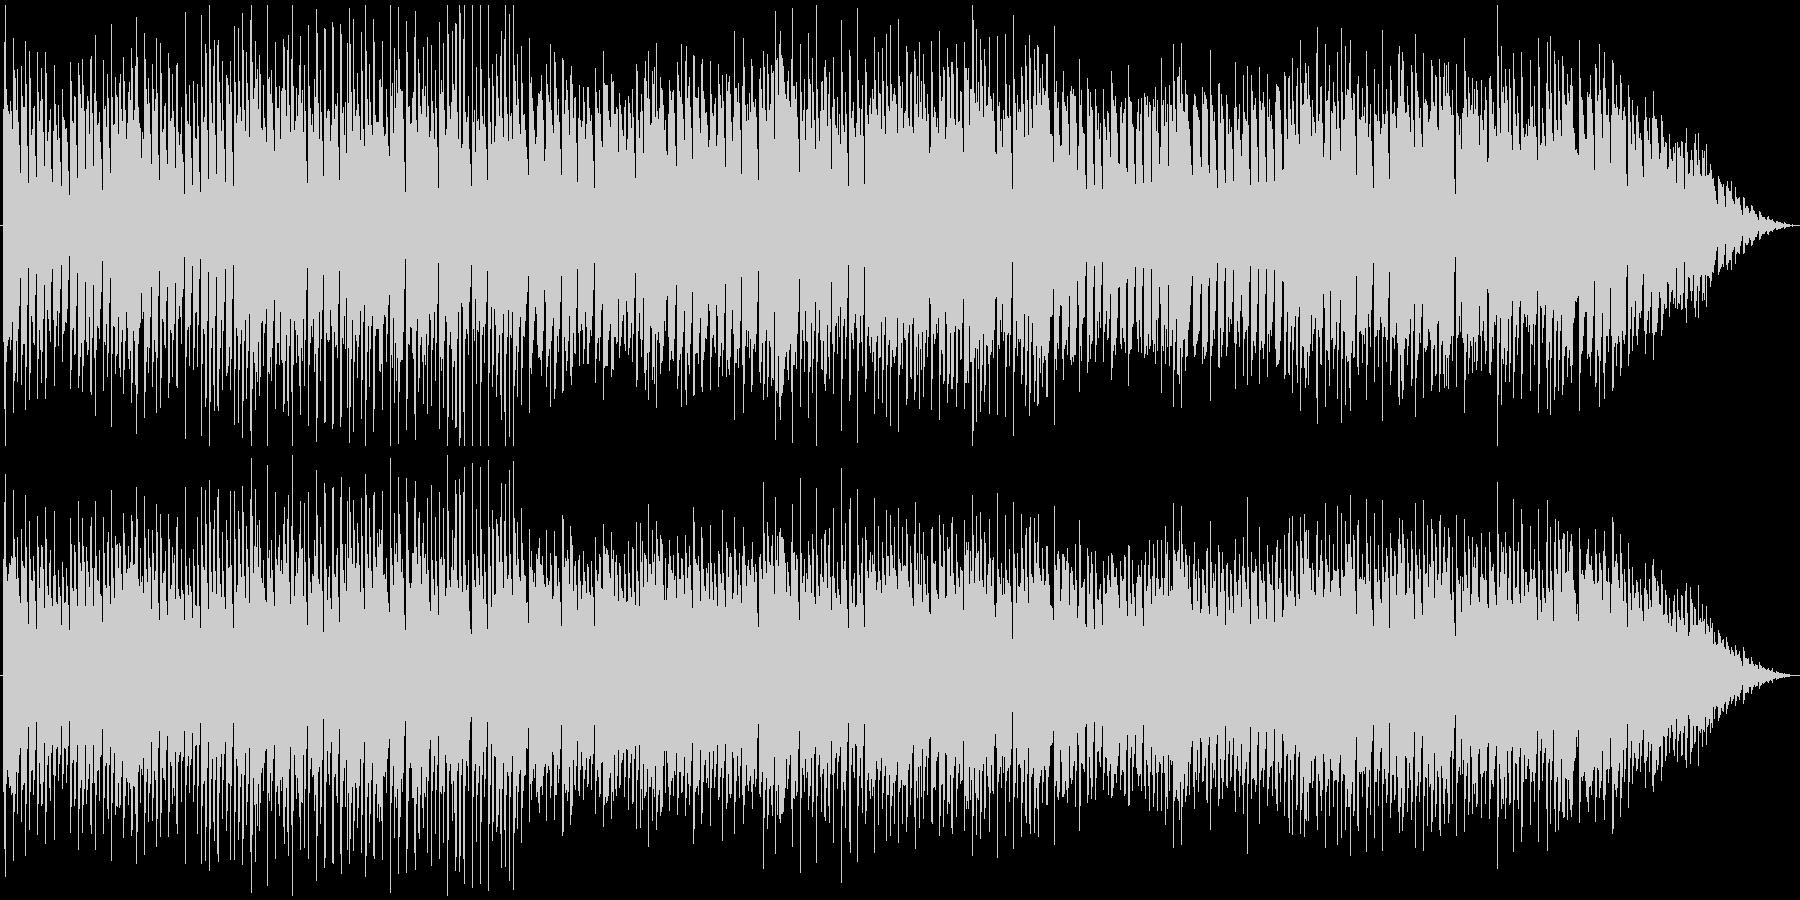 東欧の民族音楽風。ゲームのBGM等に。の未再生の波形